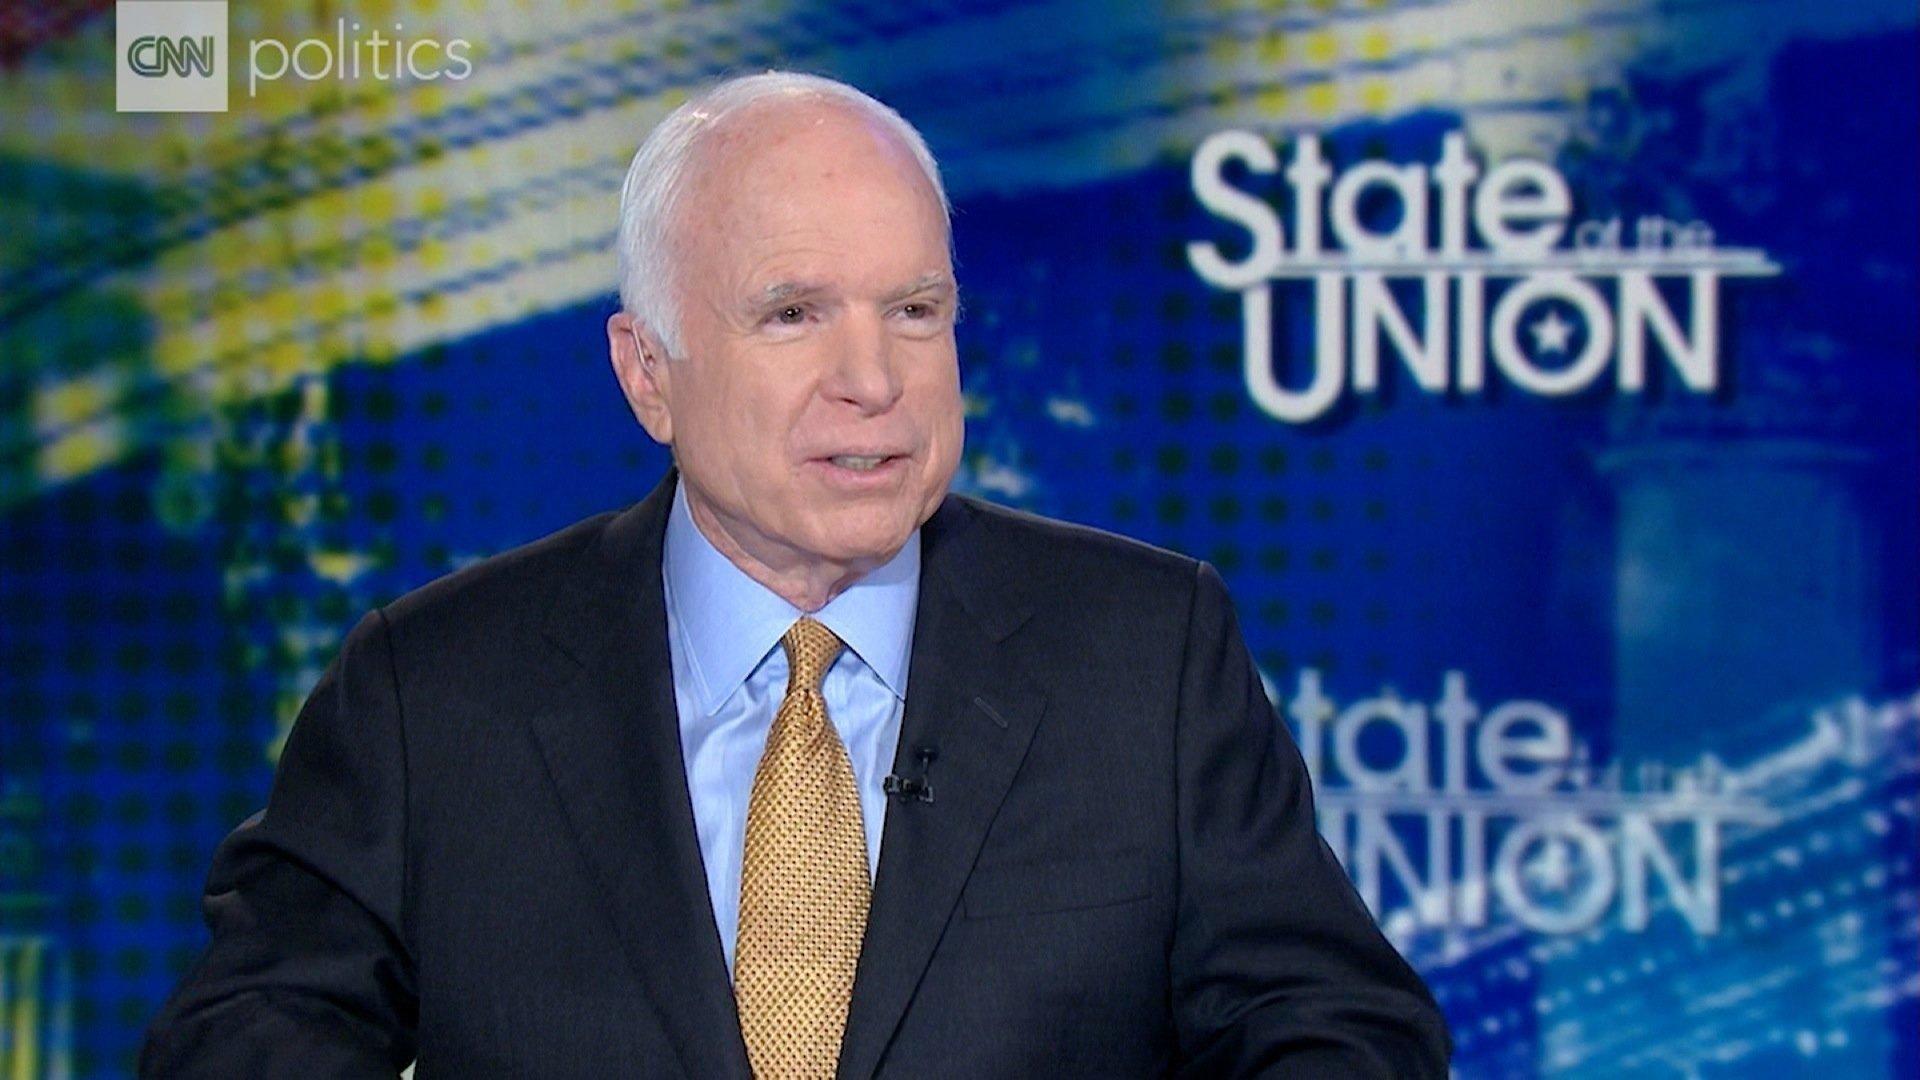 Senator John McCain speaks to CNN on September 10, 2017. (Source: CNN)